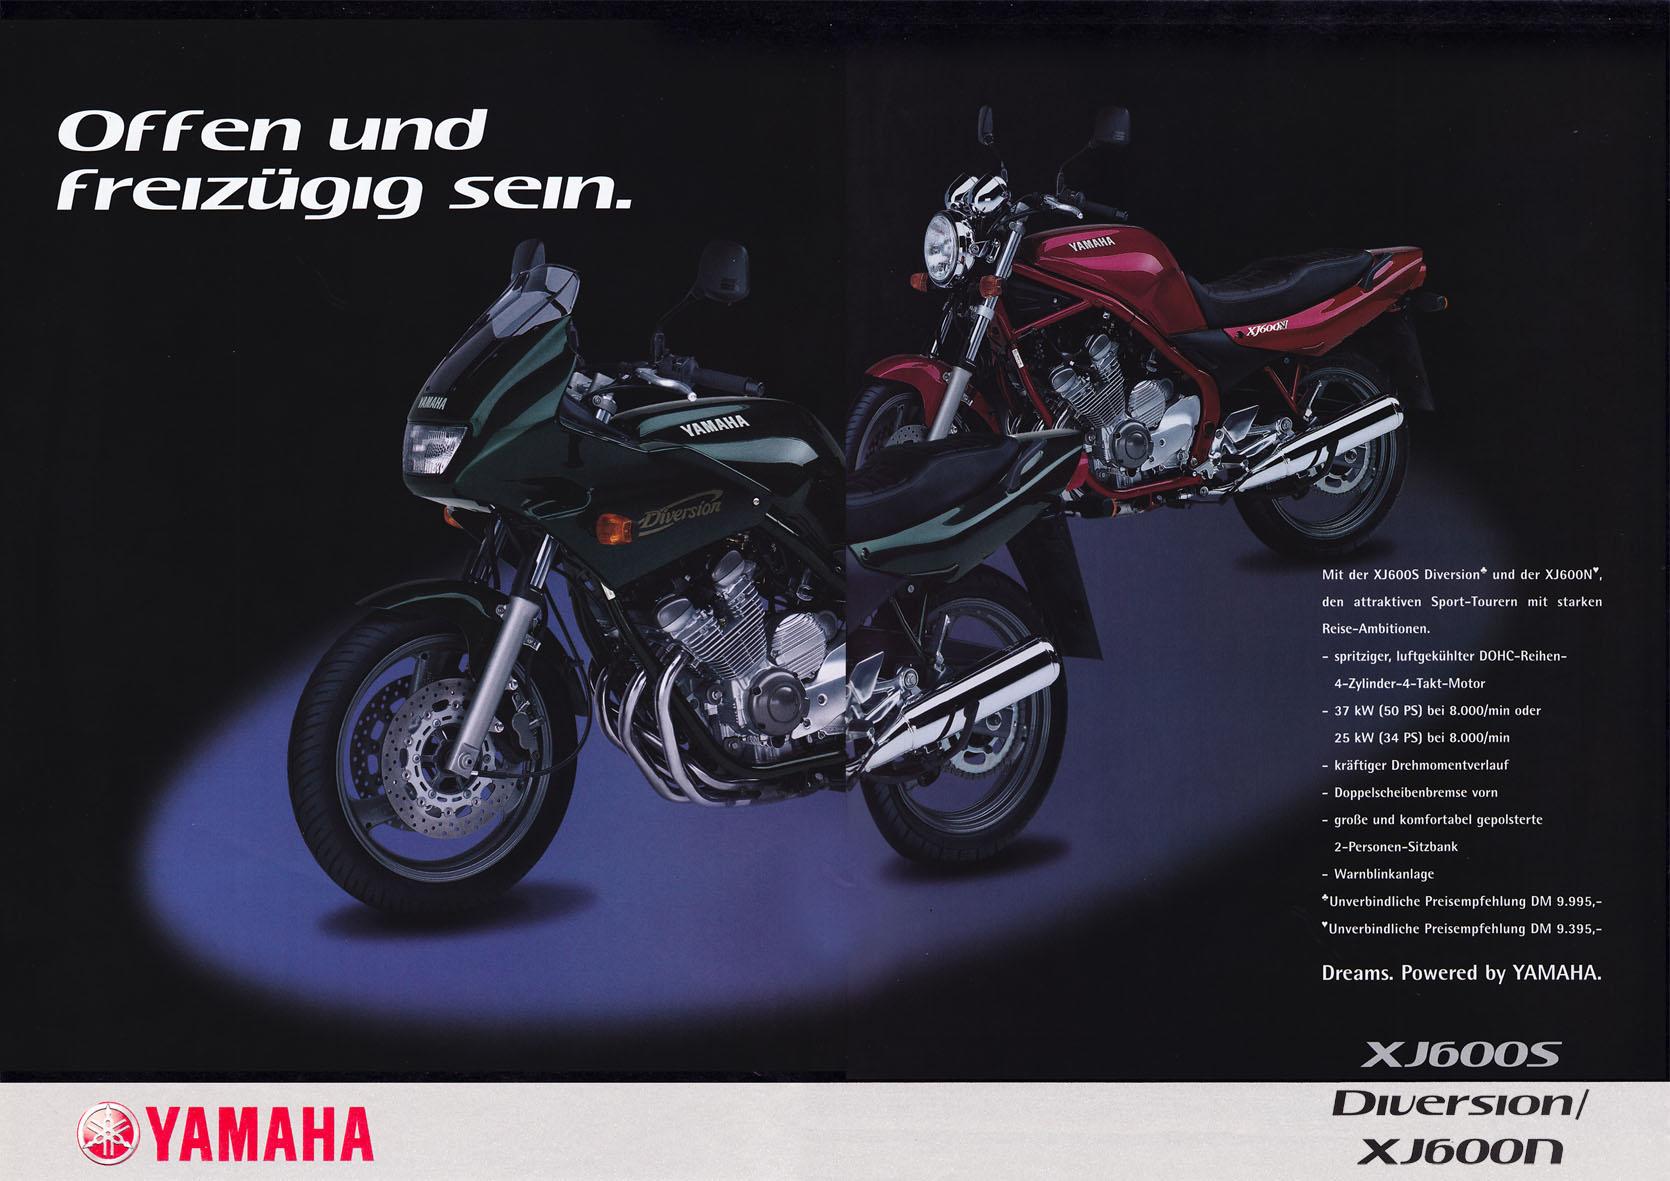 Yamaha Beileger - Offen und freizügig sein